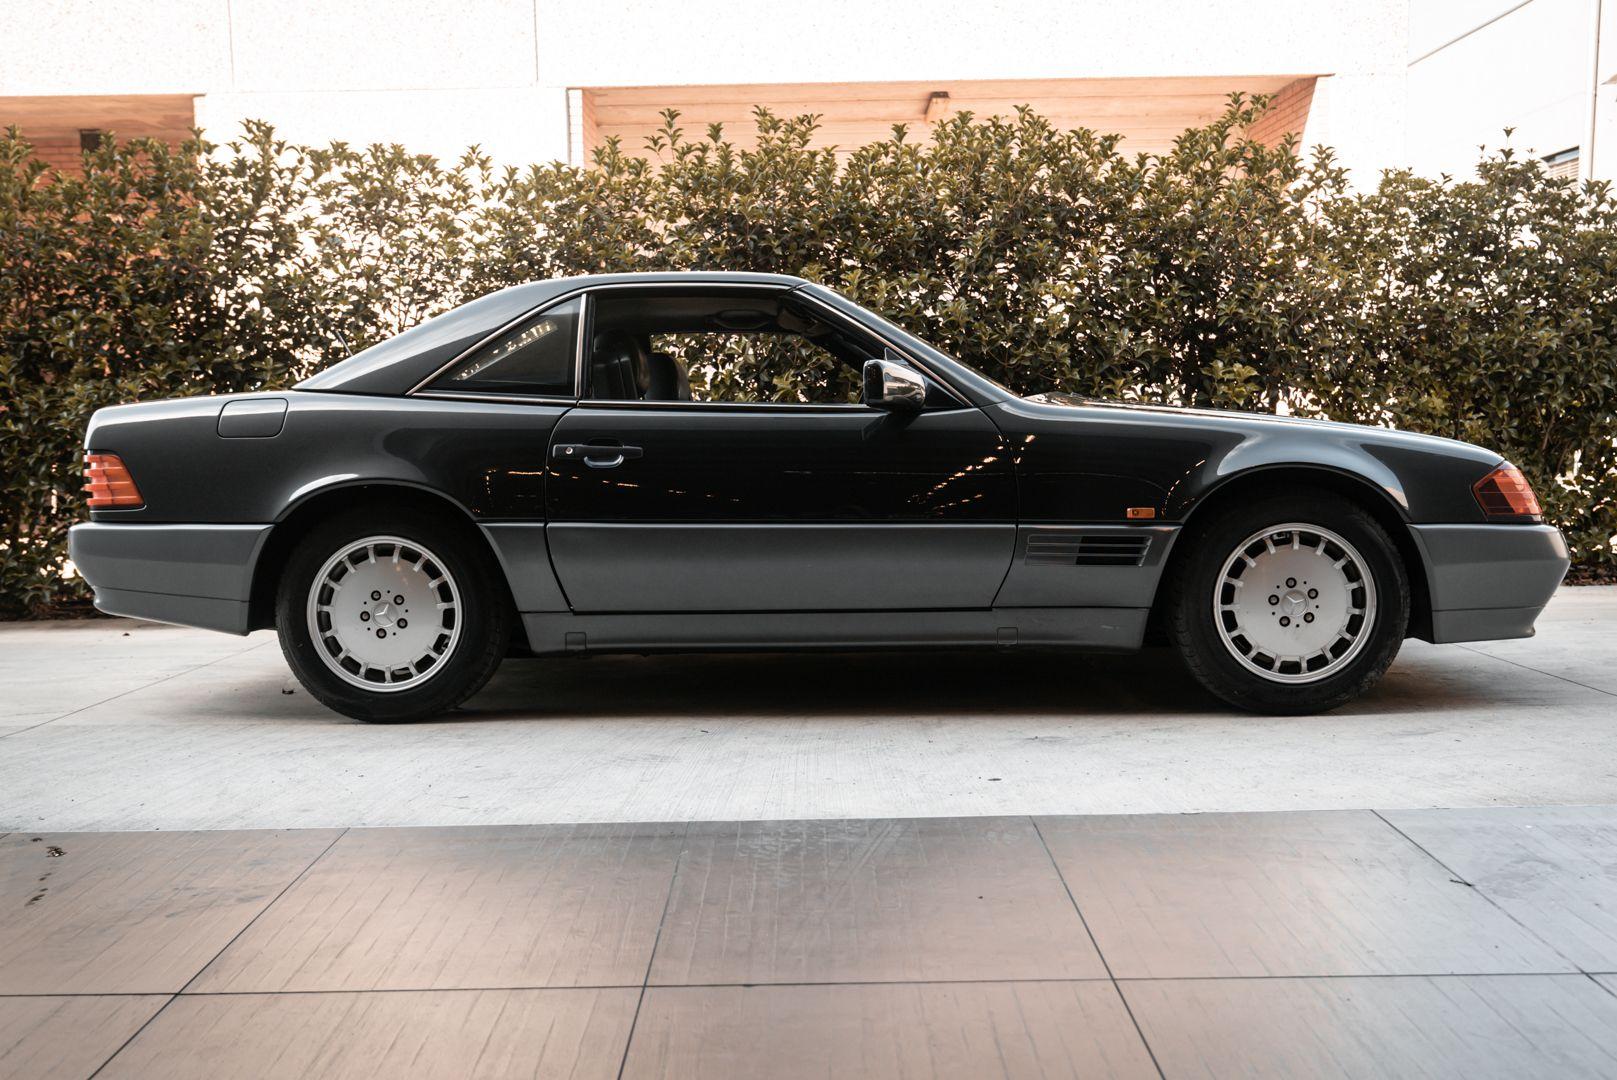 1992 Mercedes Benz 300 SL 24 V 80596